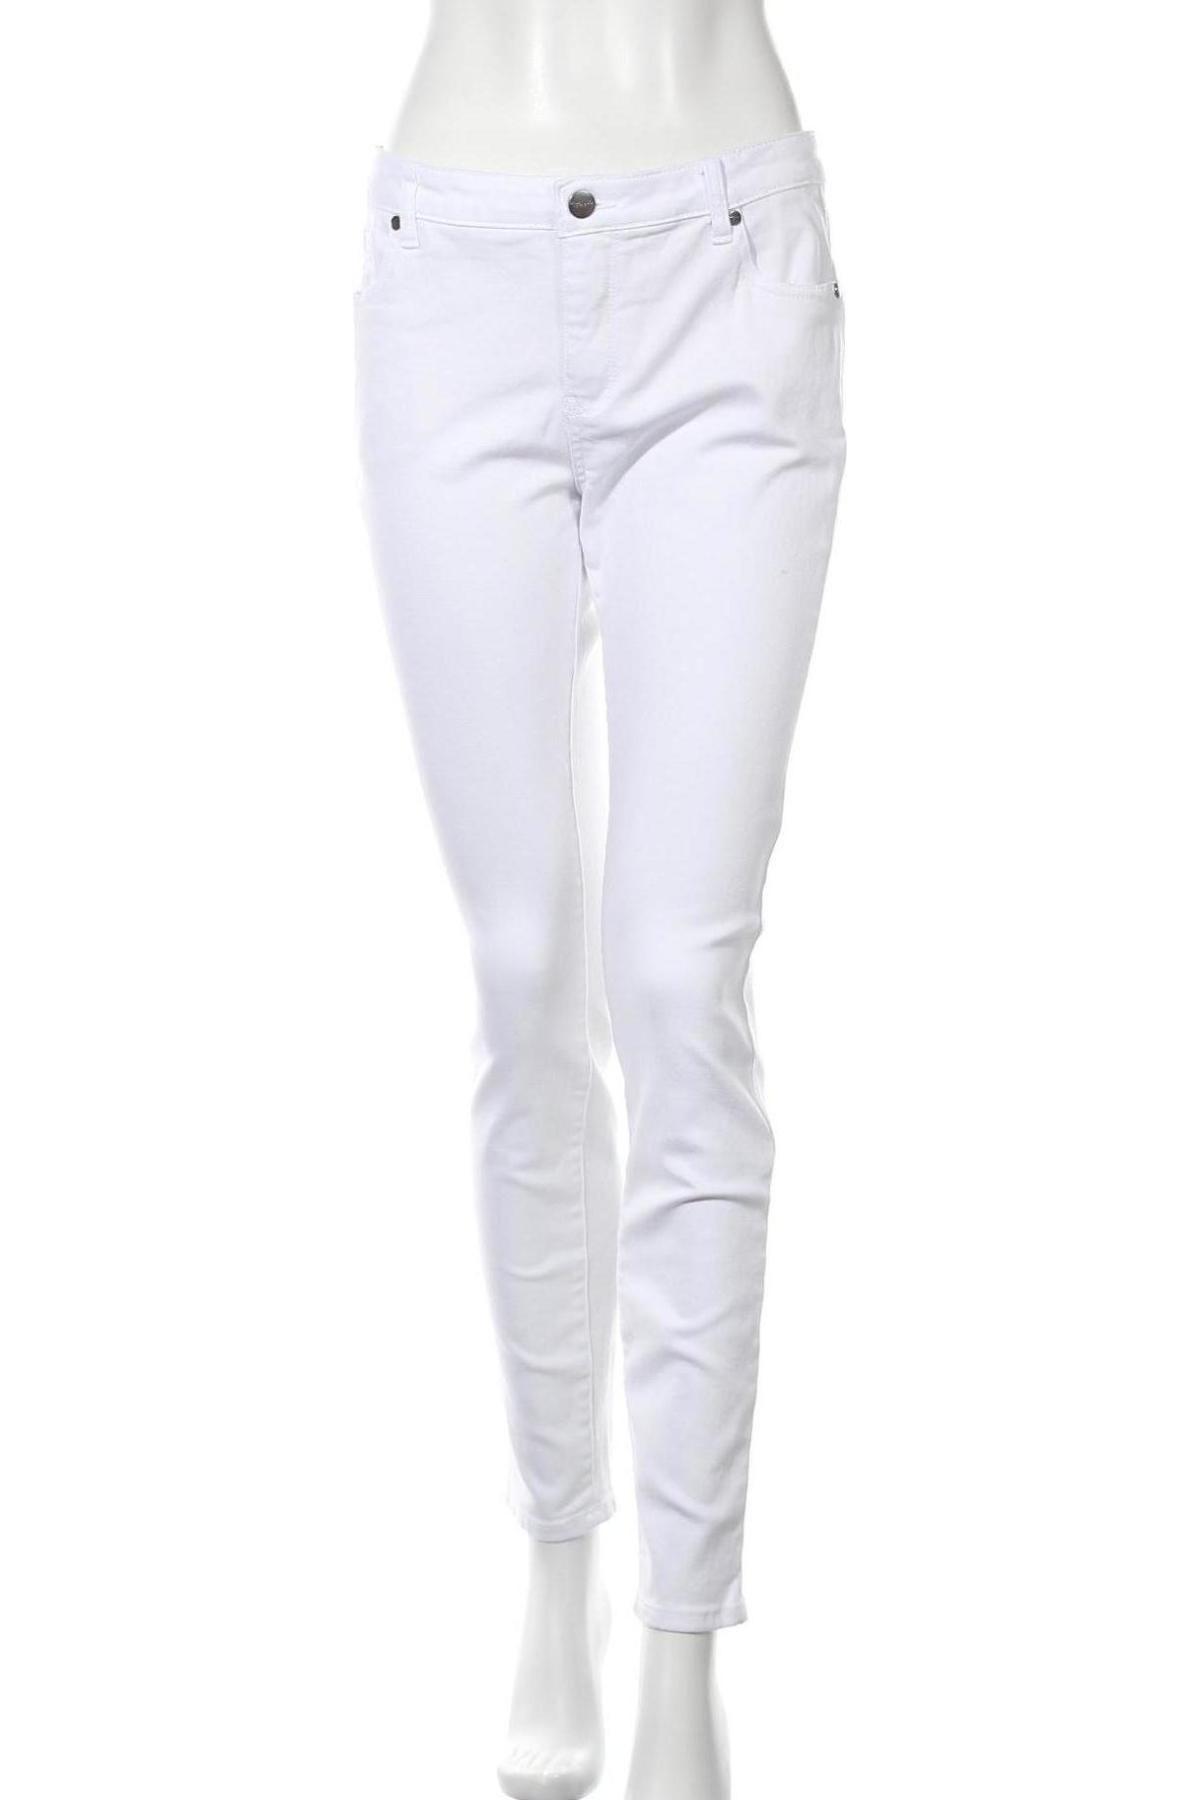 Дамски дънки Tamaris, Размер M, Цвят Бял, 98% памук, 2% еластан, Цена 25,24лв.